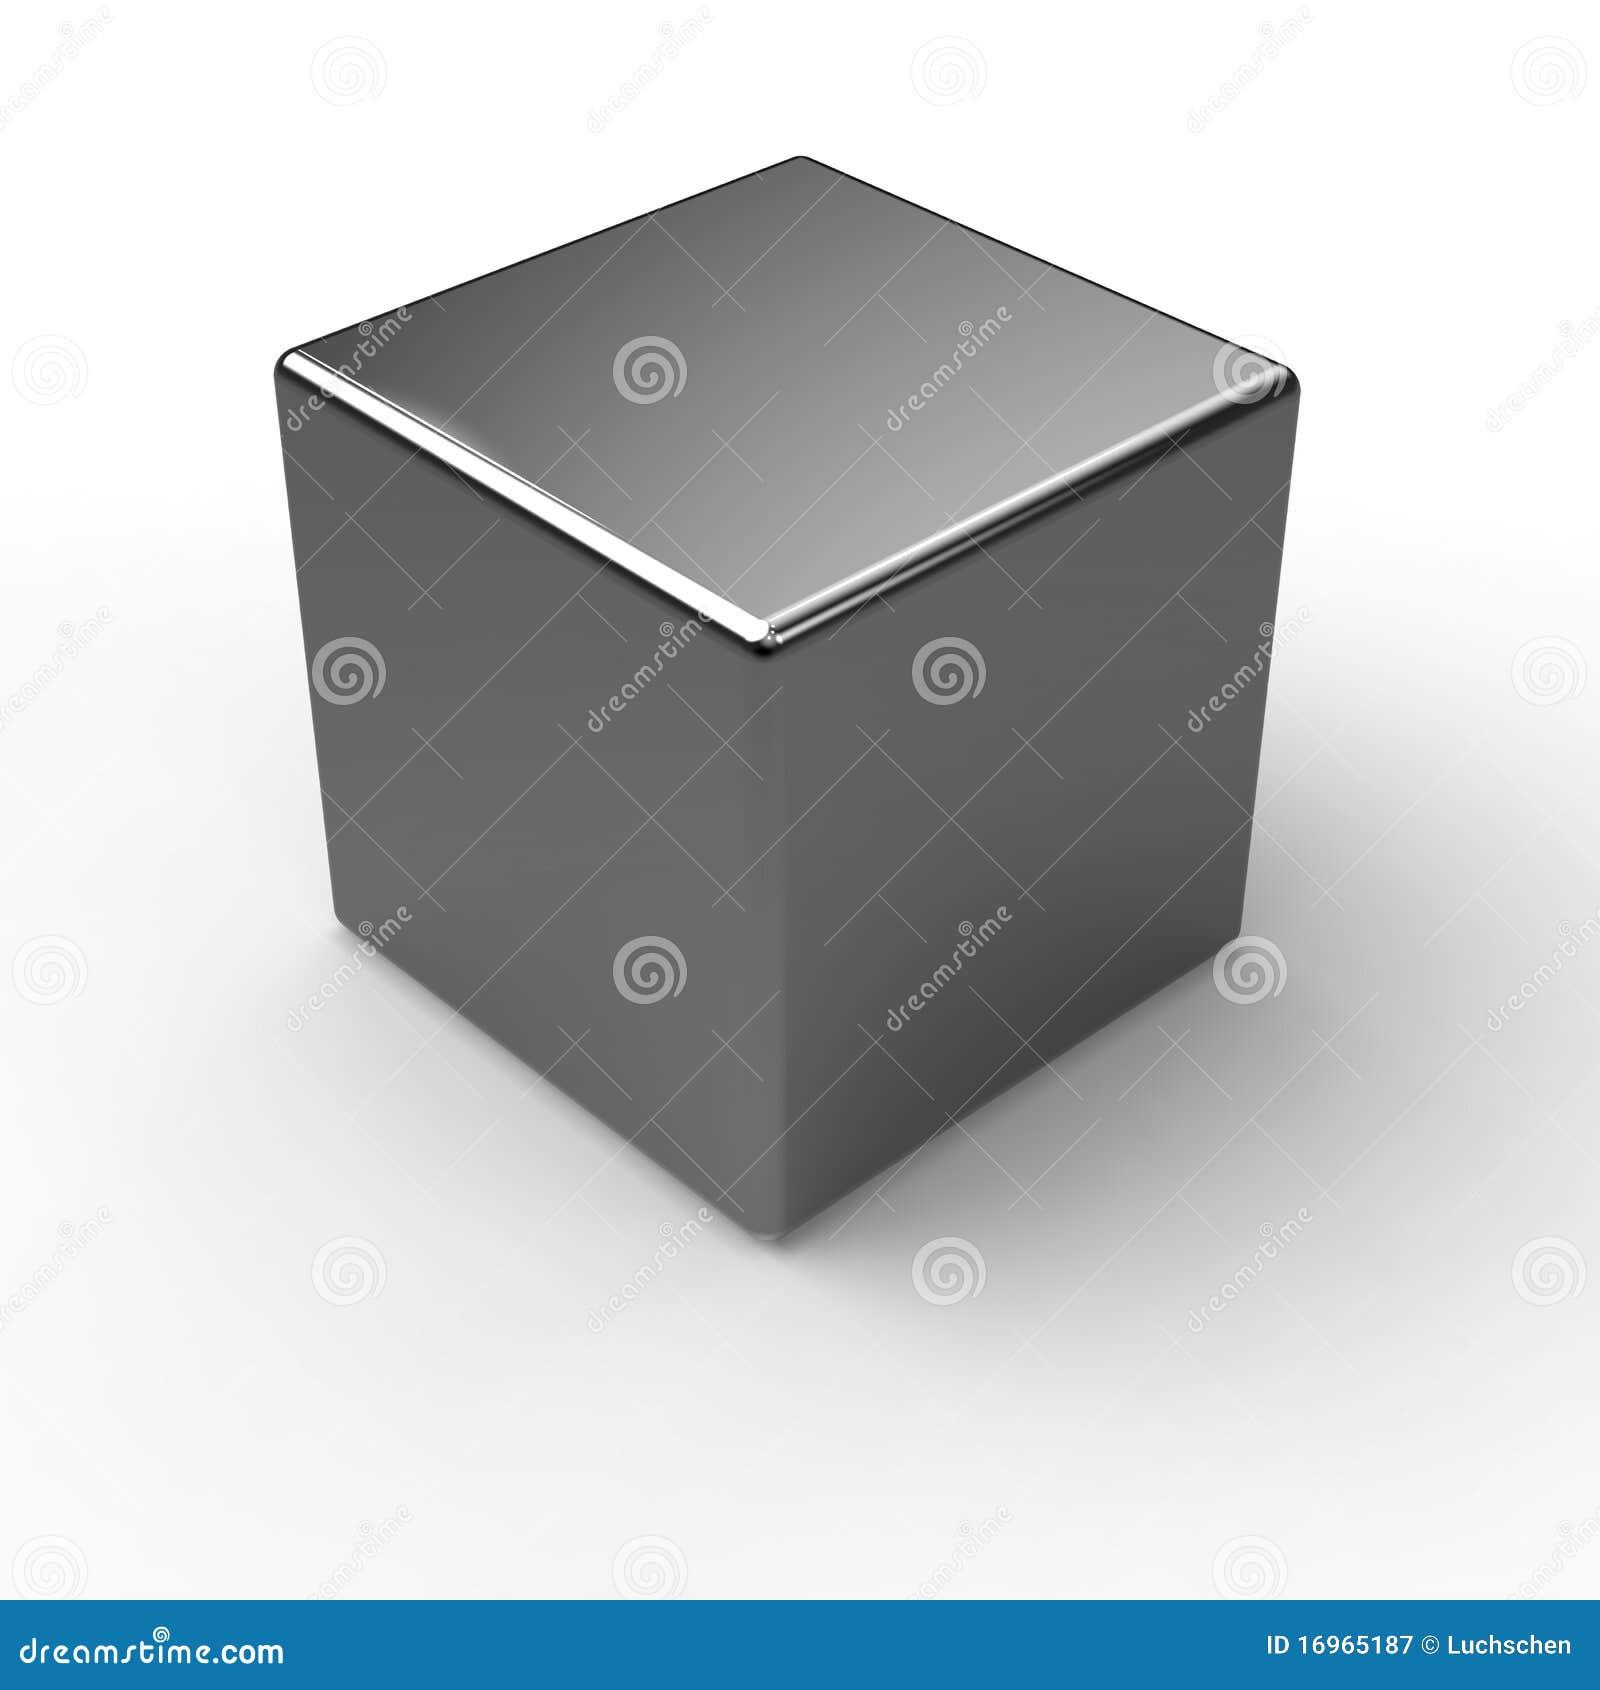 metal-cube-16965187.jpg